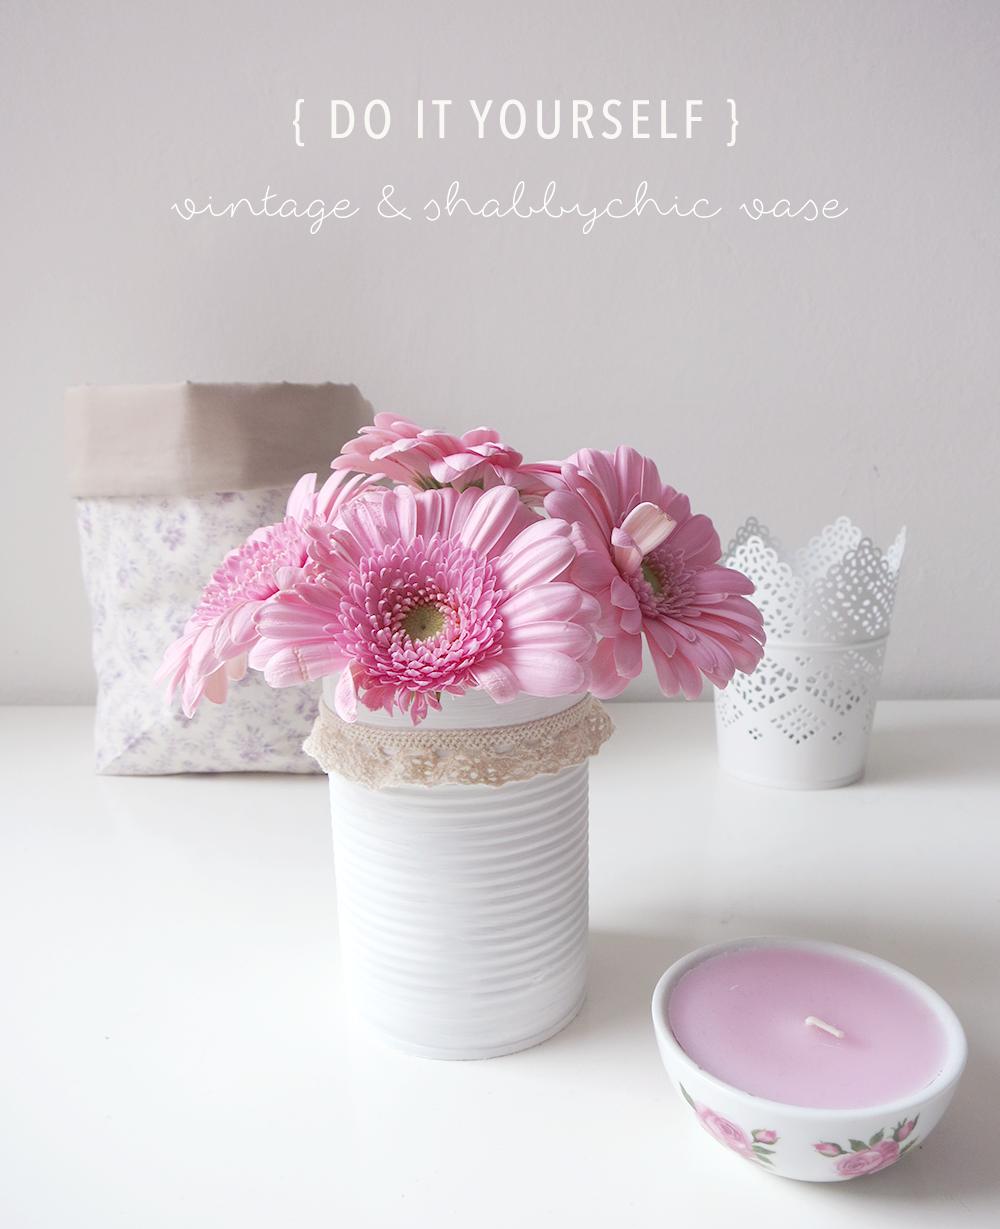 DIY Vintage Shabby Chic Vasen aus Konservendosen